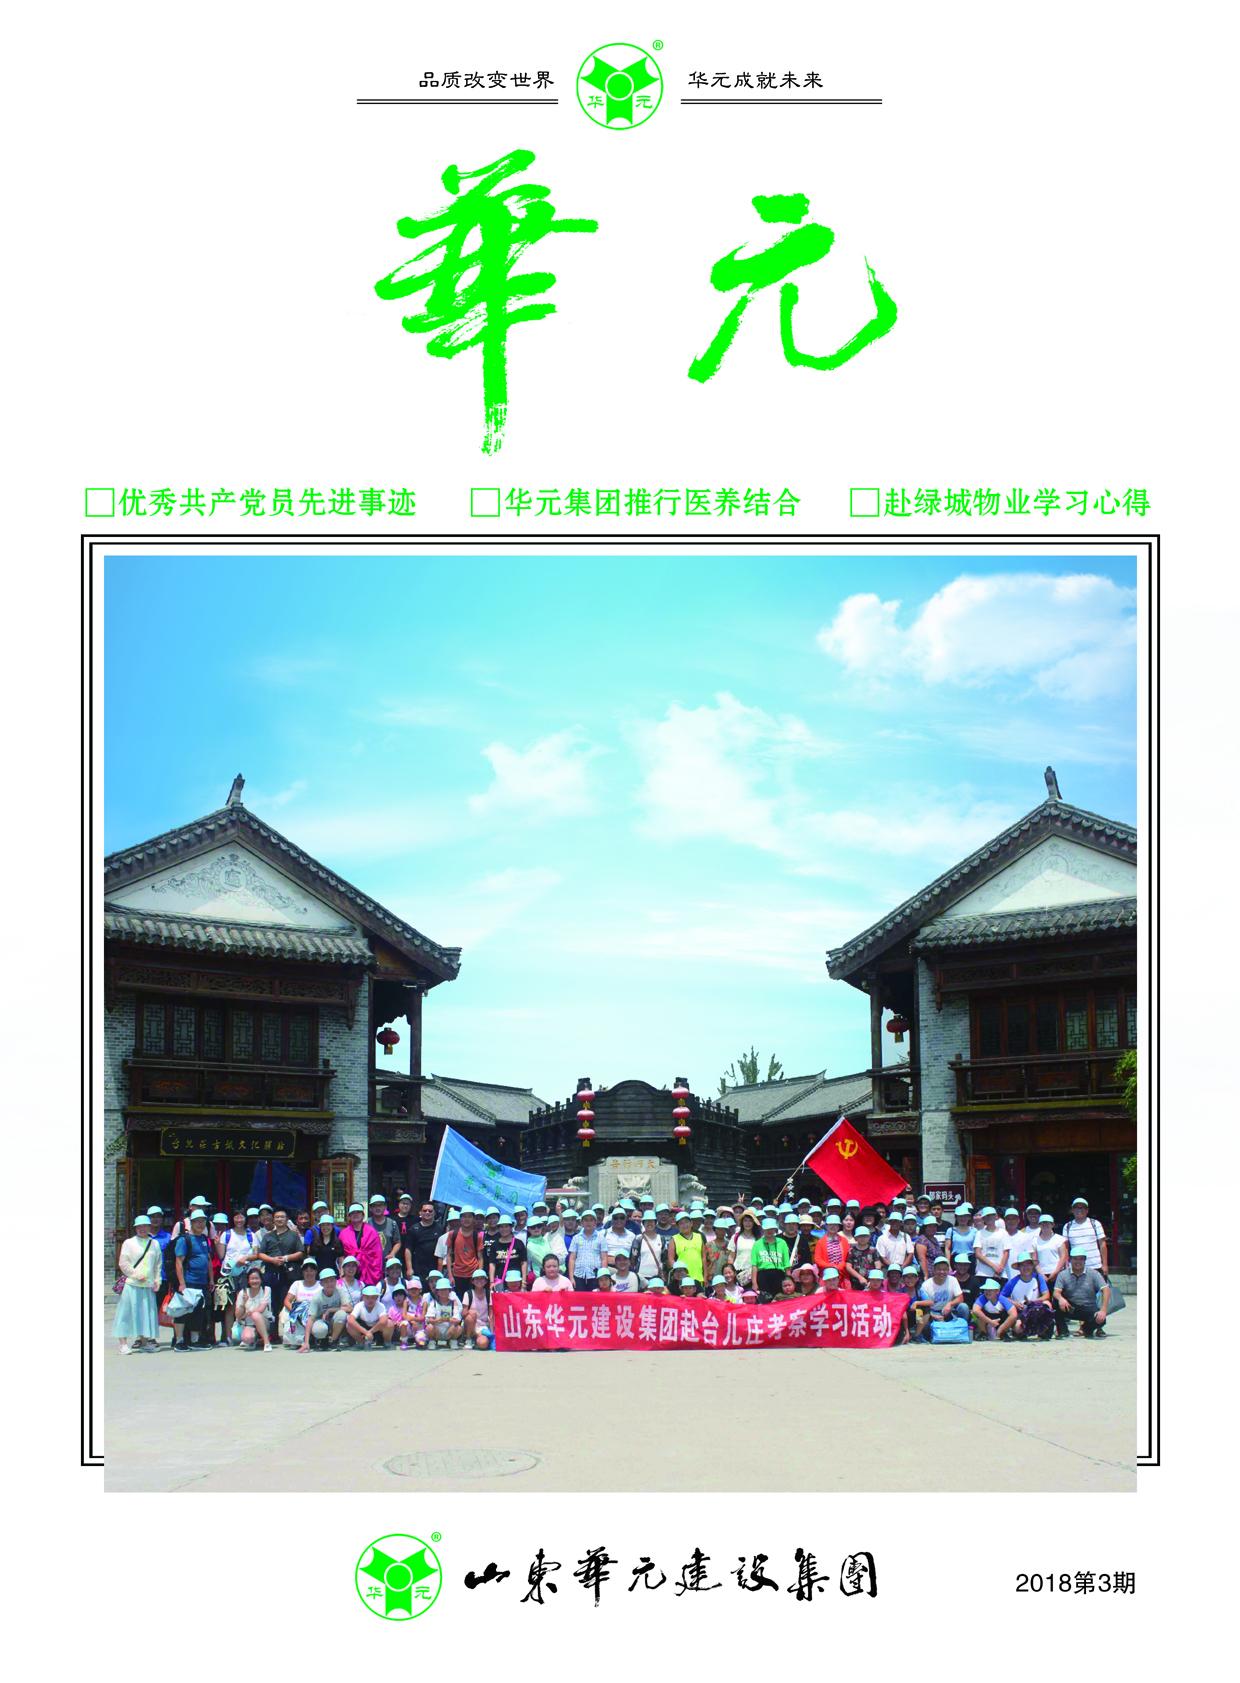 页面提取自-华元杂志第三期-2